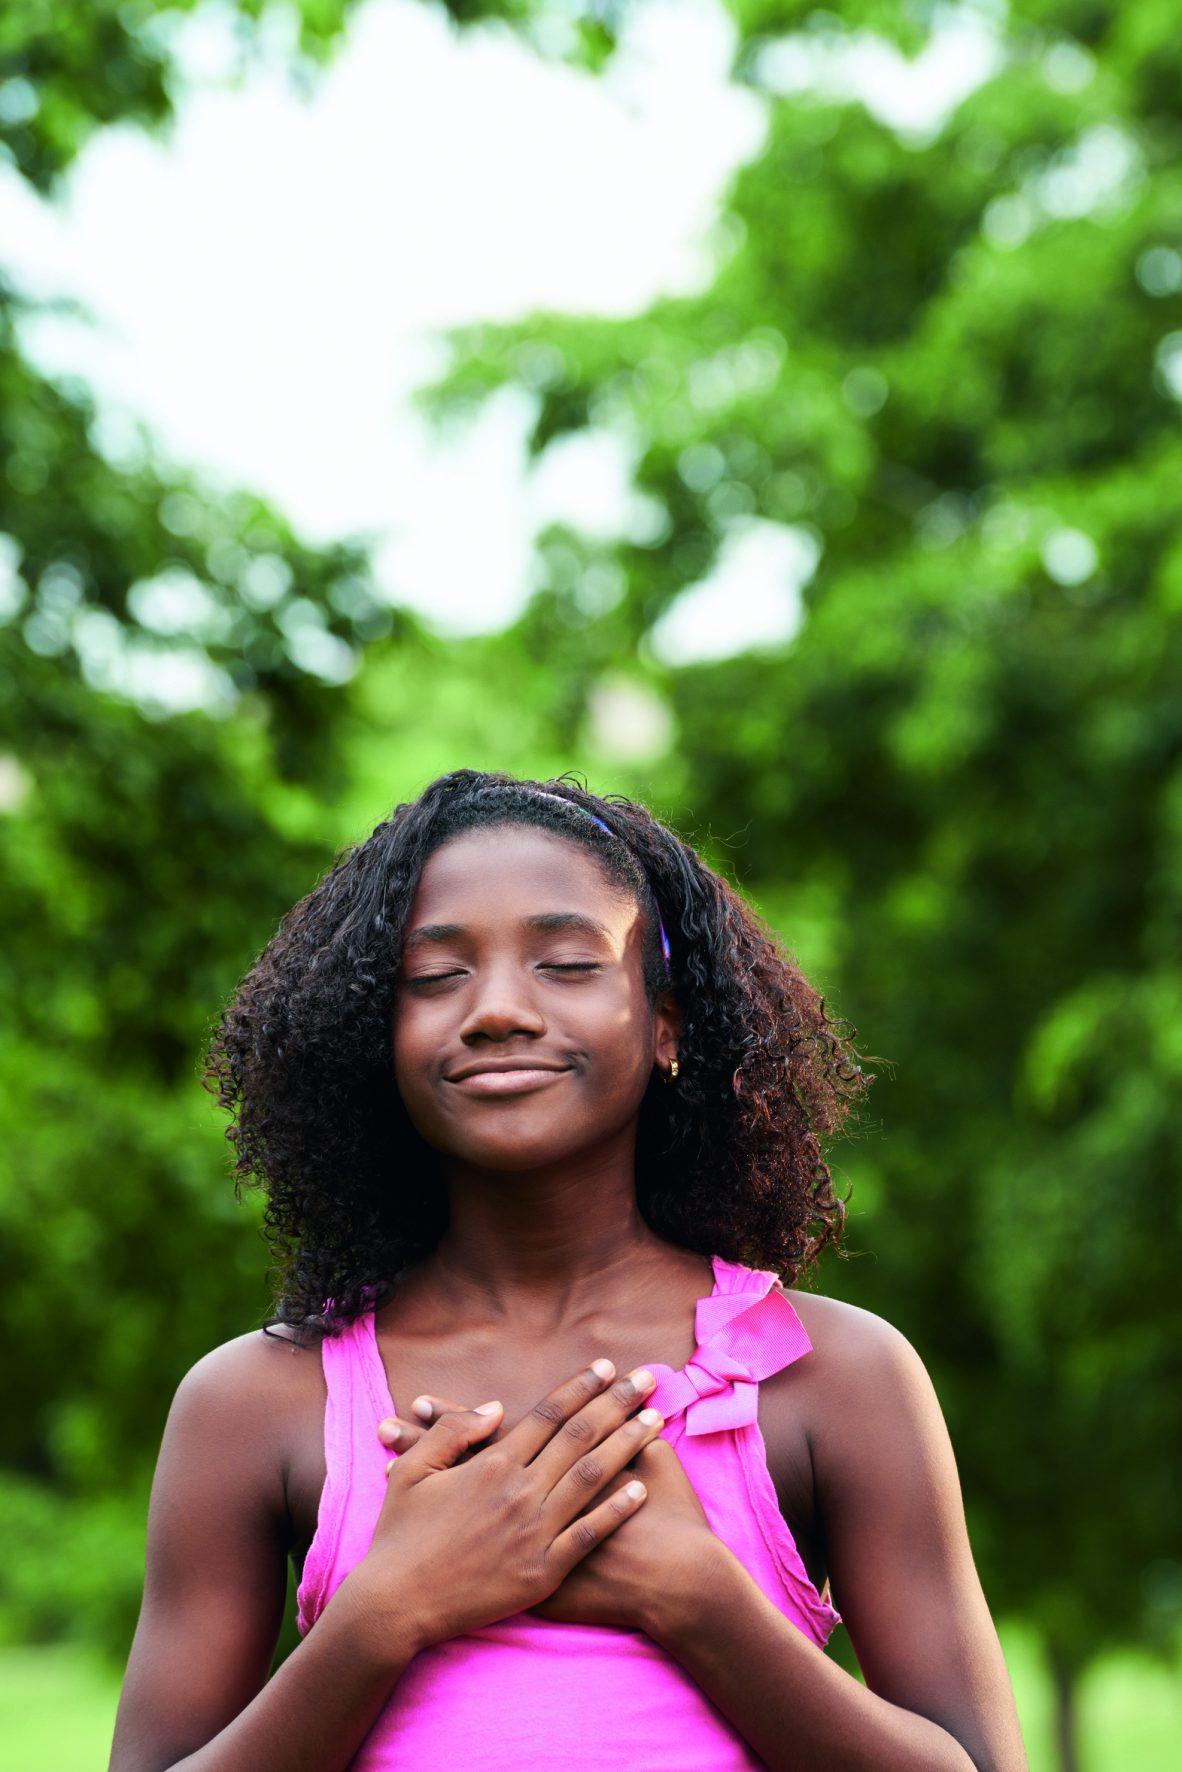 Mädchen gönnt sich Ruhe in der Natur.